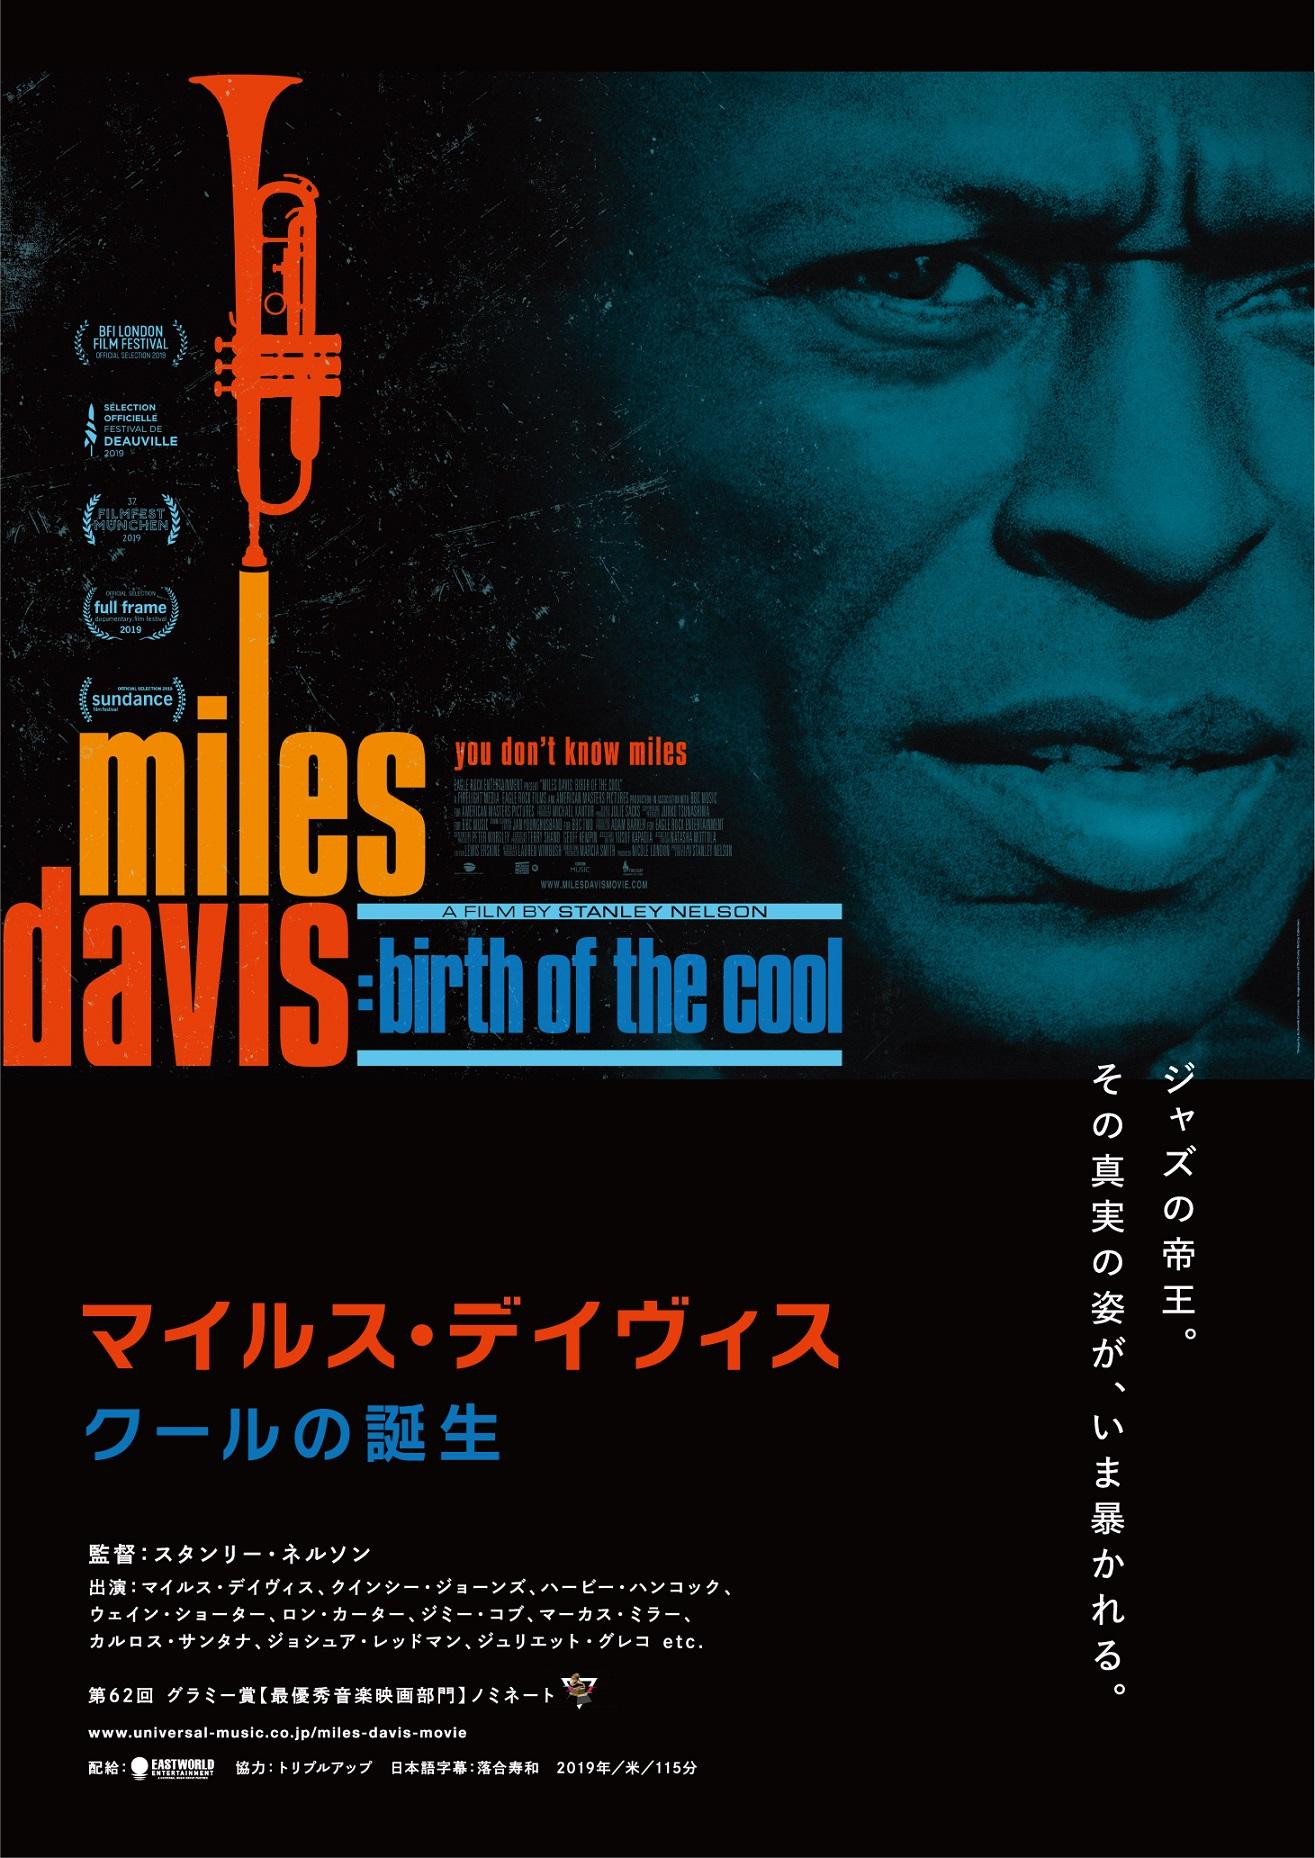 マイルス・デイヴィスを描いたドキュメンタリー映画 「マイルス・デイヴィス クールの誕生」9月4日、日本公開